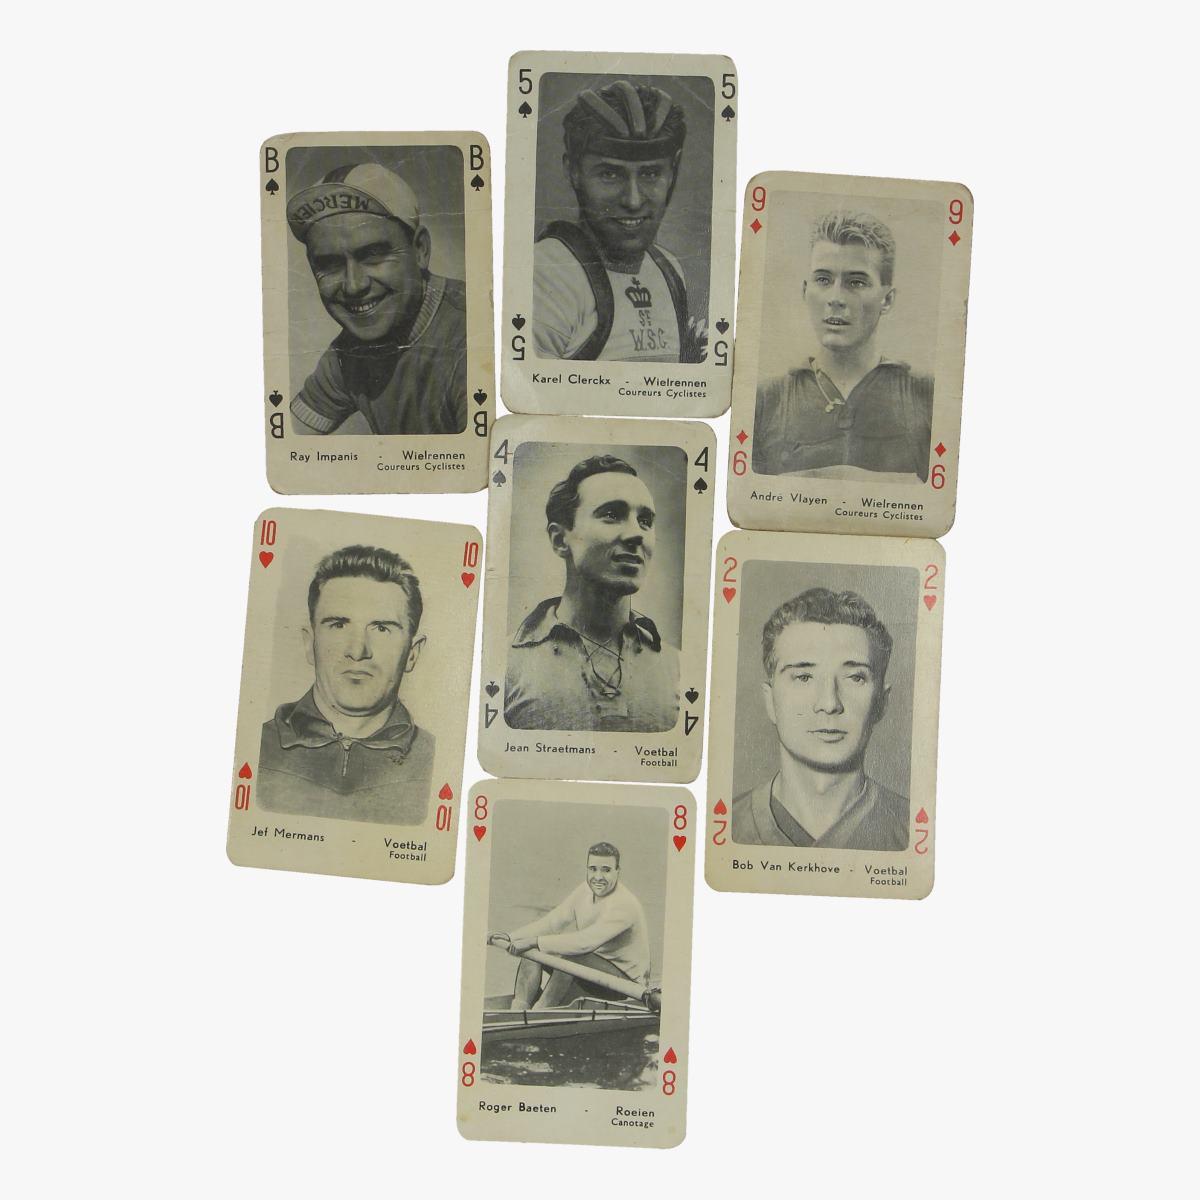 Afbeeldingen van oude speelkaarten 7 stuks voetbal en wielrennen maple leaf